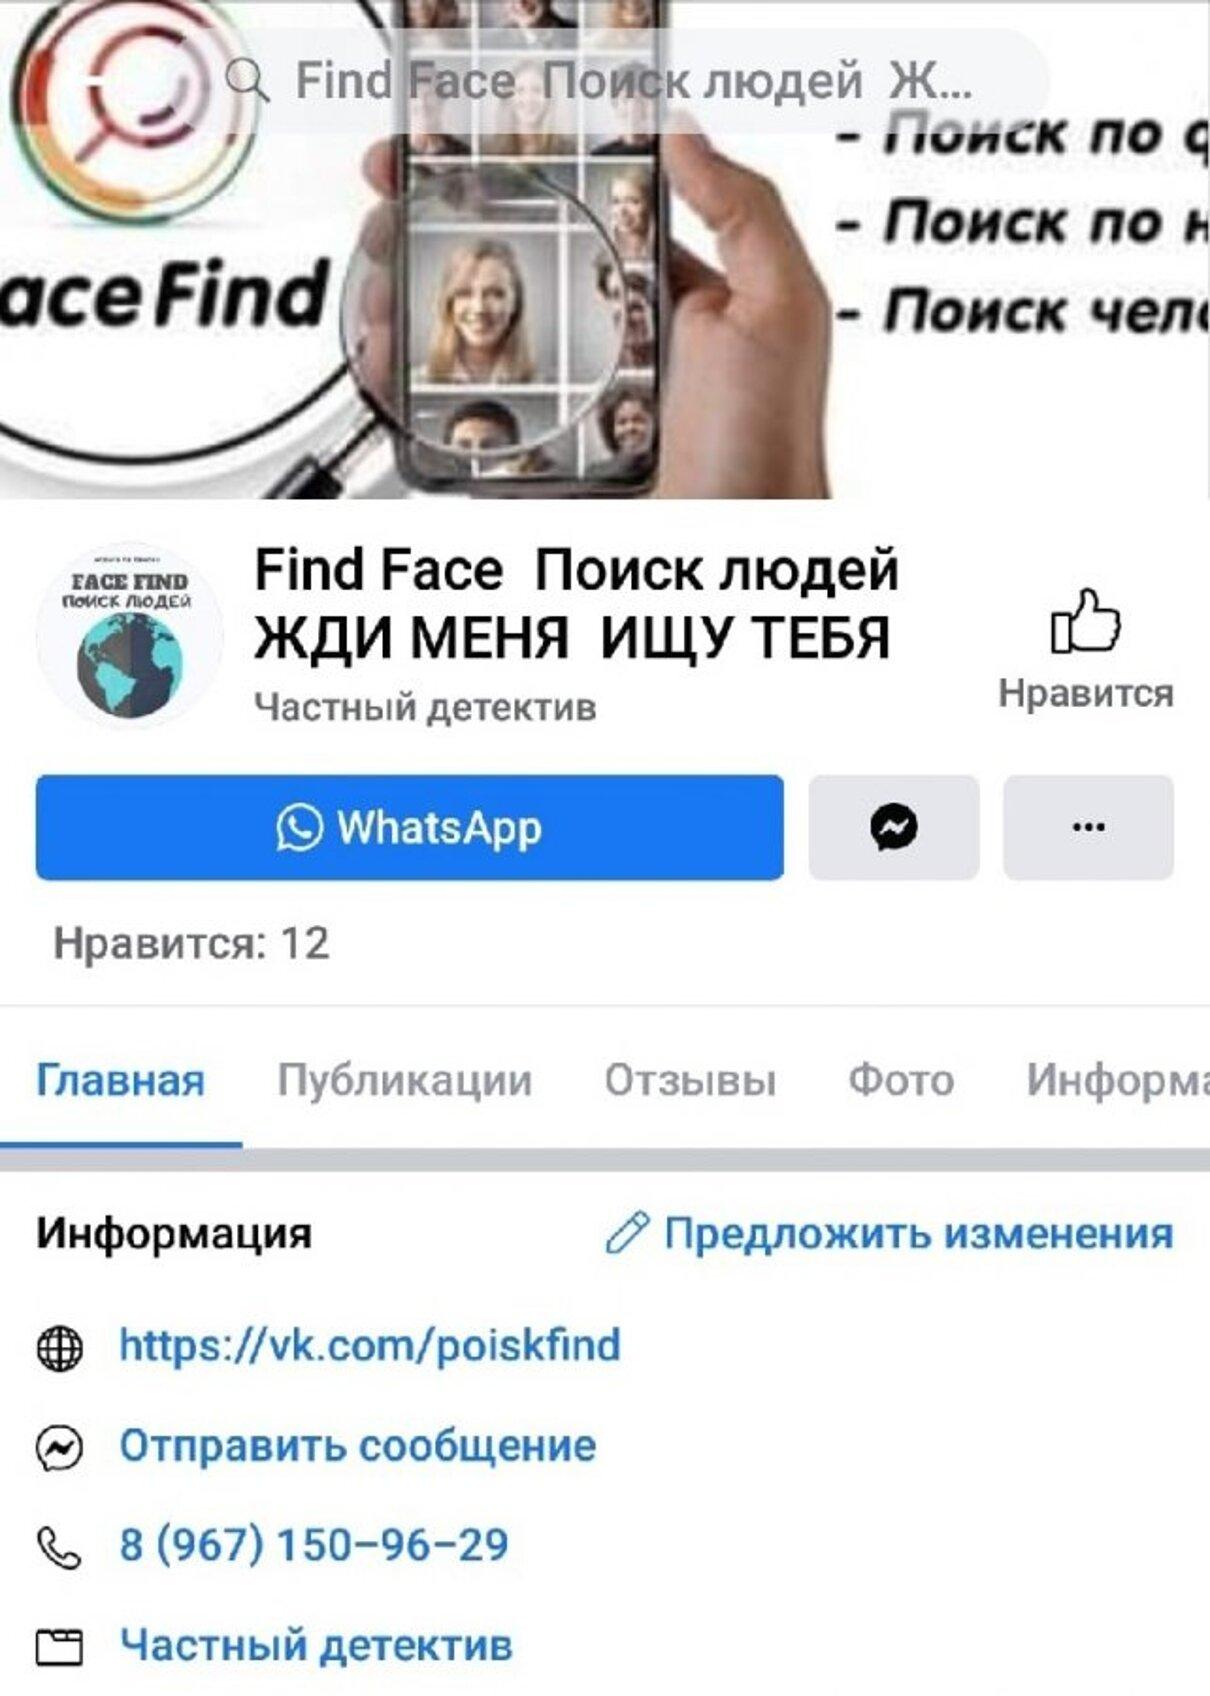 Жалоба-отзыв: Группа в социальных сетях - Find Face (Face Find) - поиск людей - МОШЕННИКИ FACE FIND (Find Face) в контакте и Фейсбуке - пользуясь известным брендом входят в доверие и кидают клиентов на деньги.  Фото №3